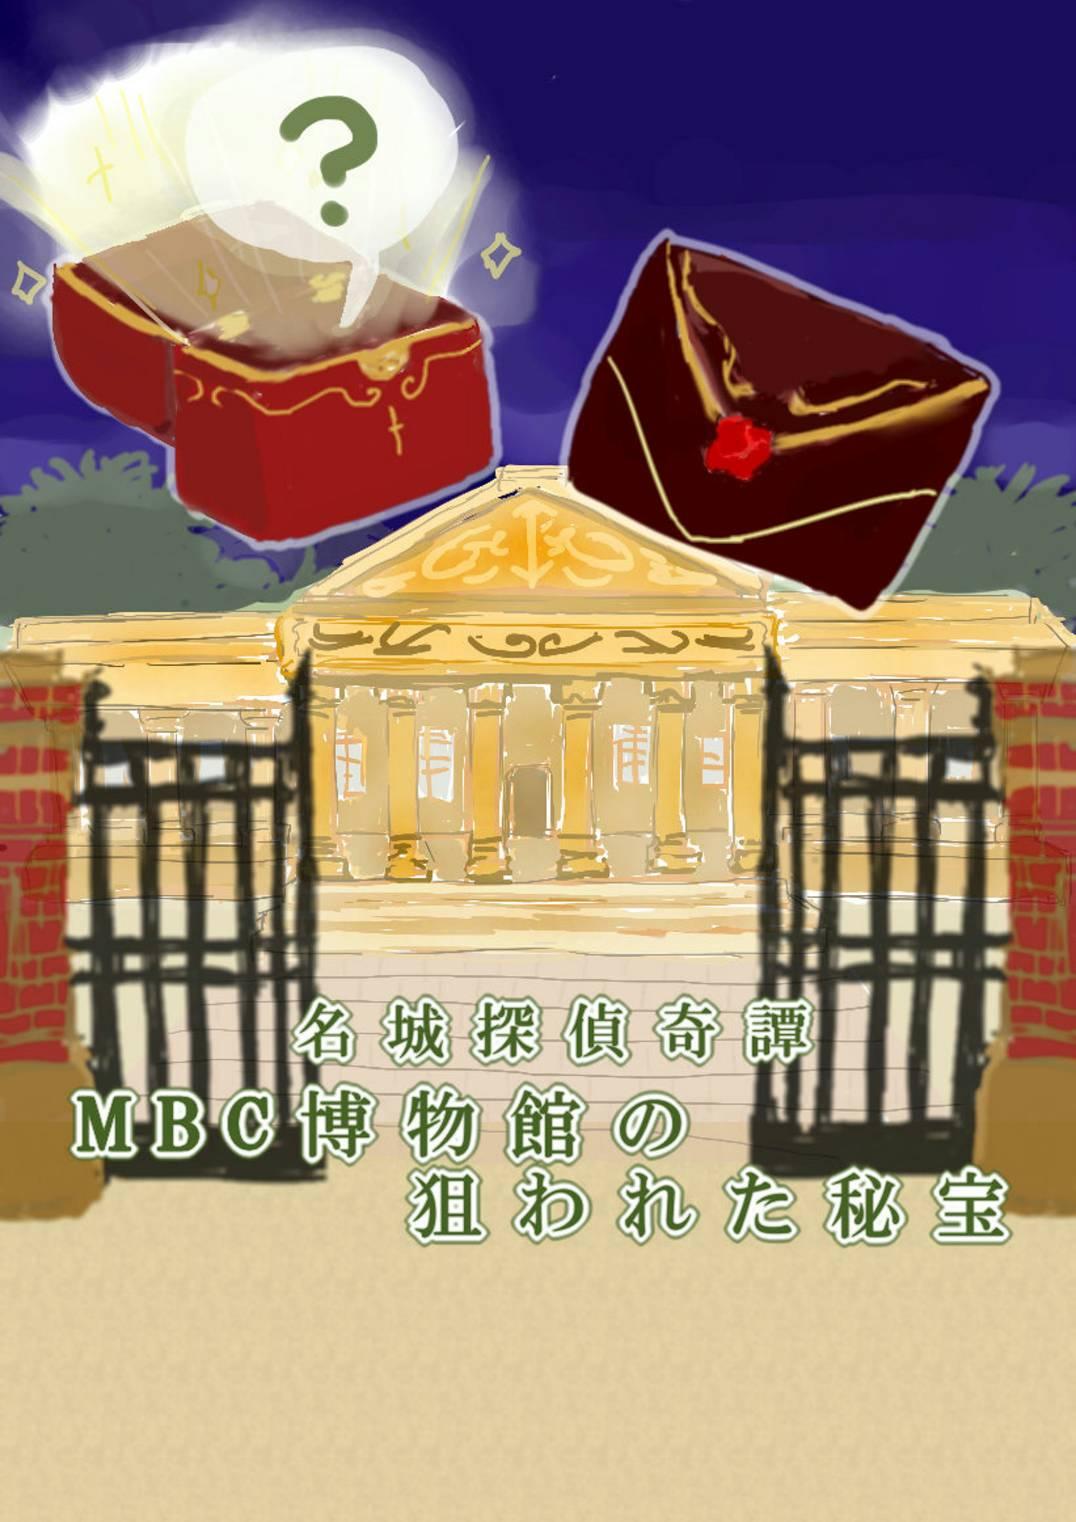 MBC博物館の狙われた秘宝フライヤー